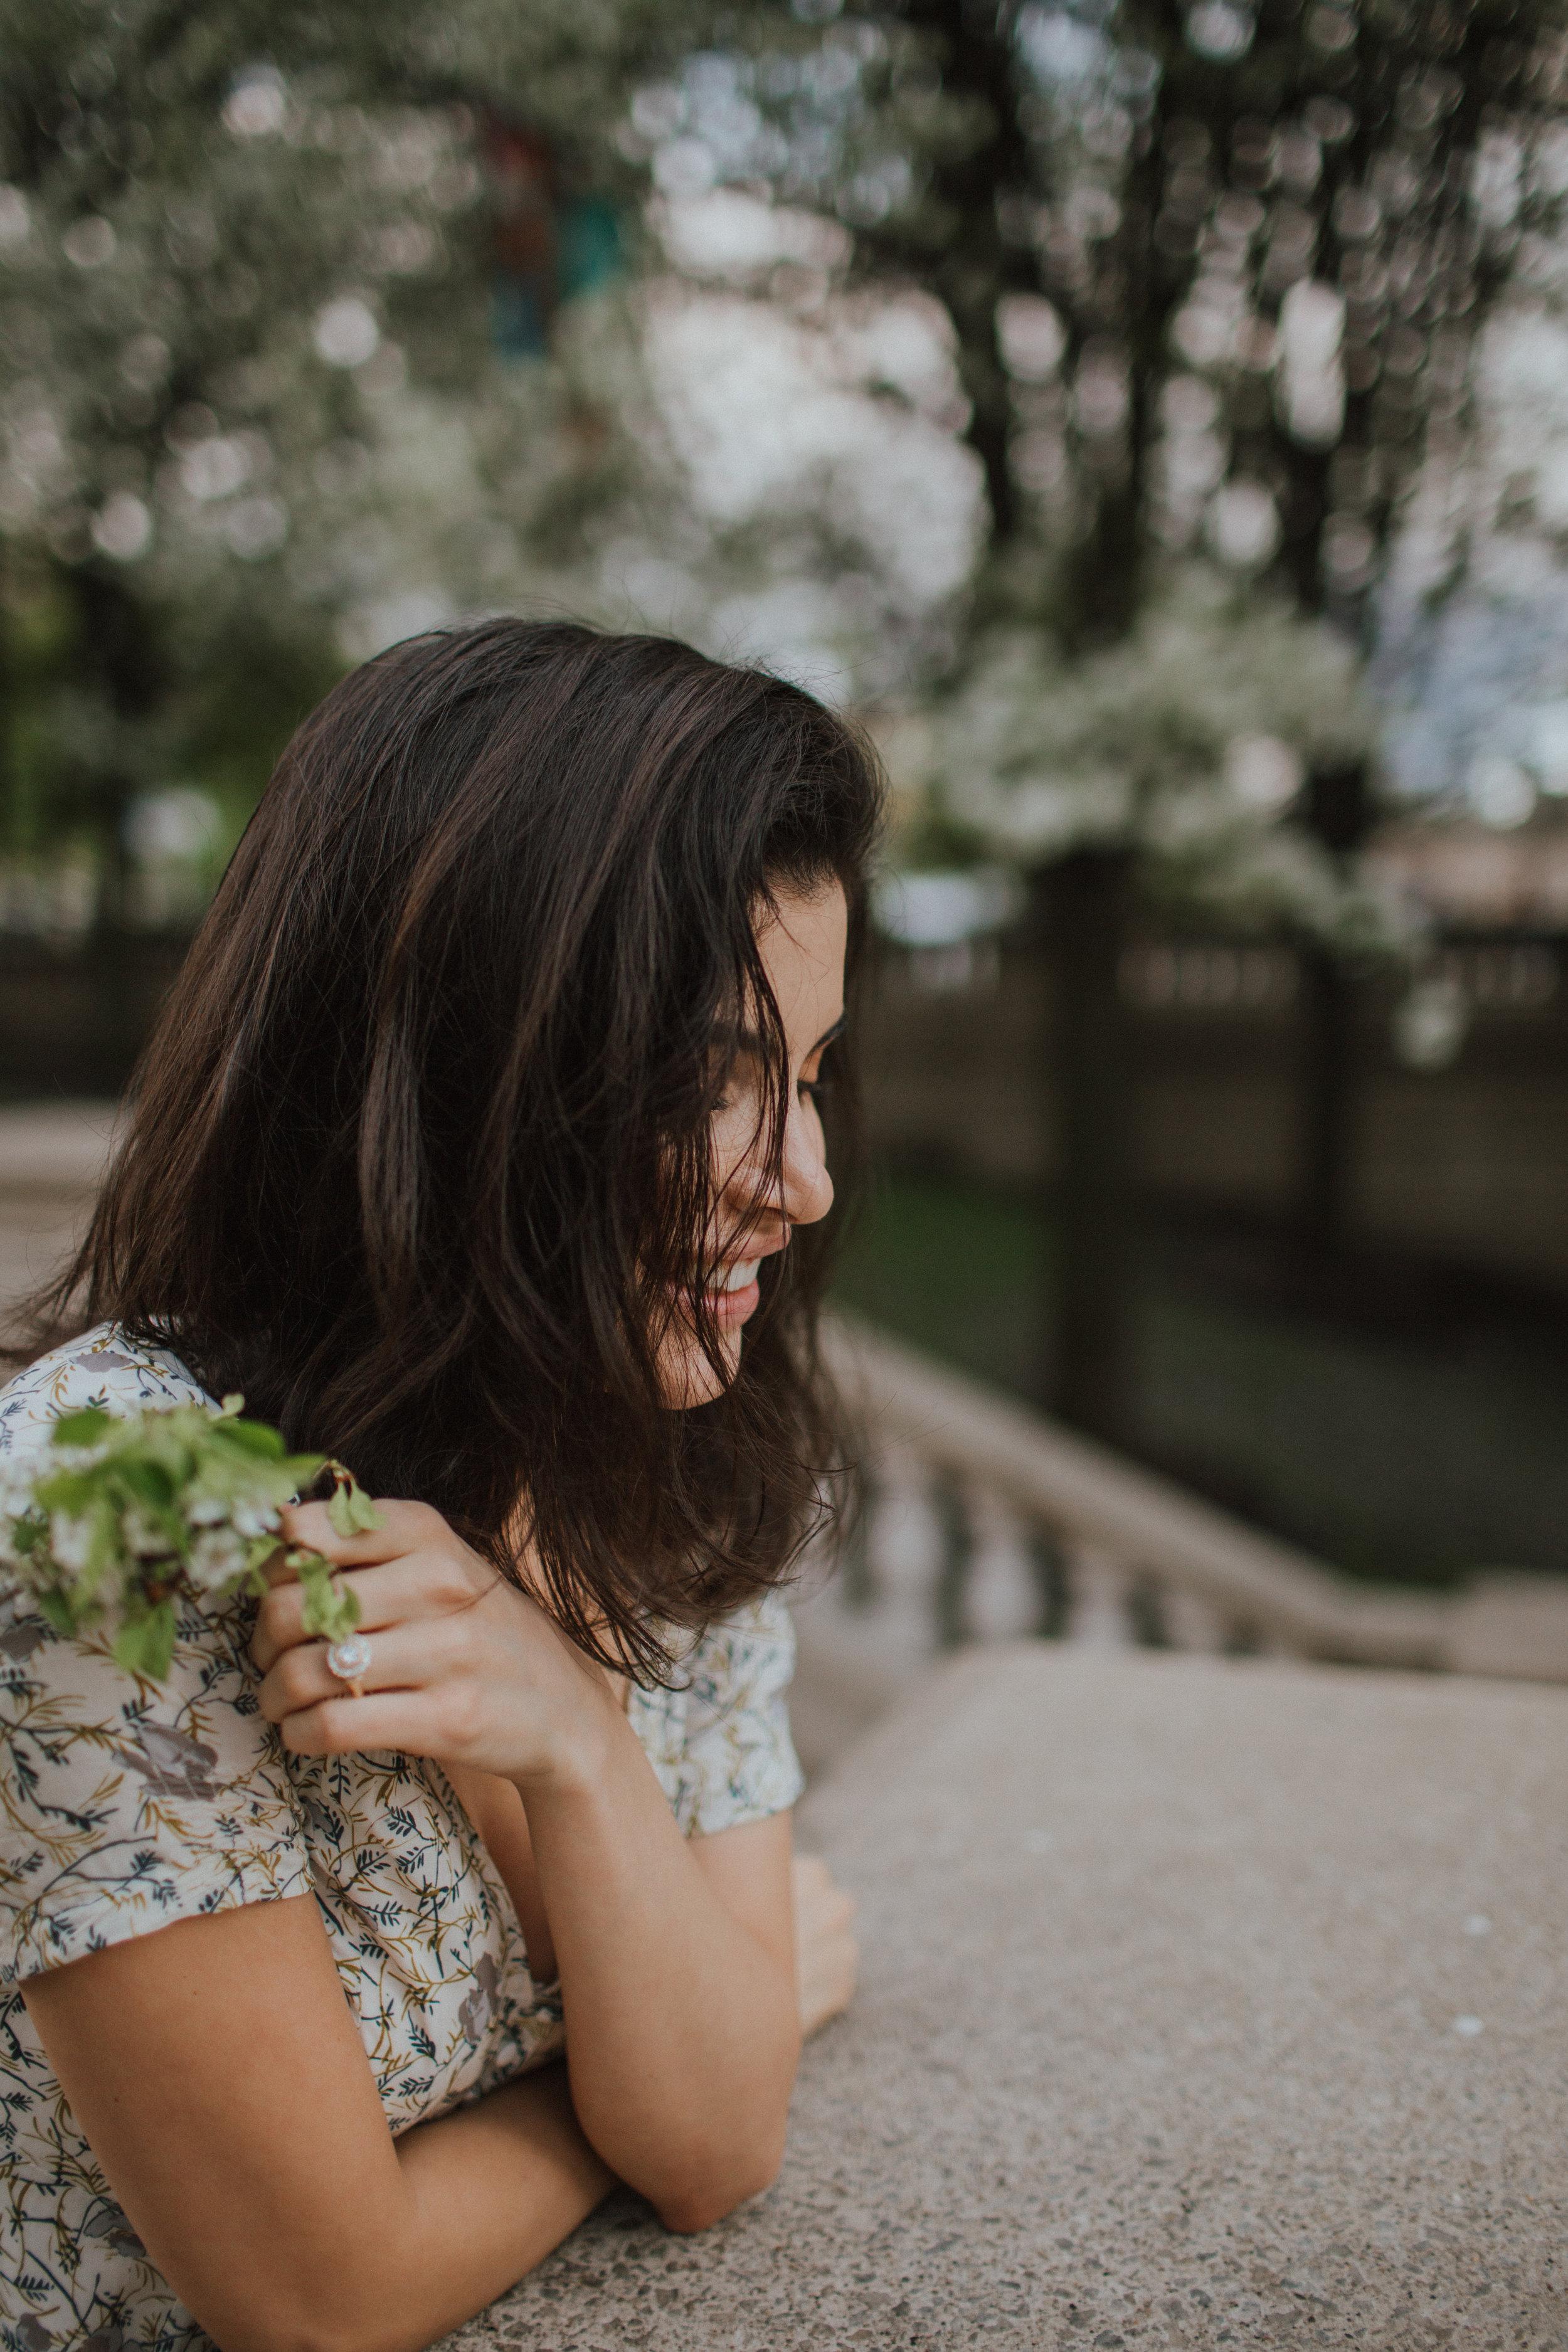 Sara_Spring-52.jpg